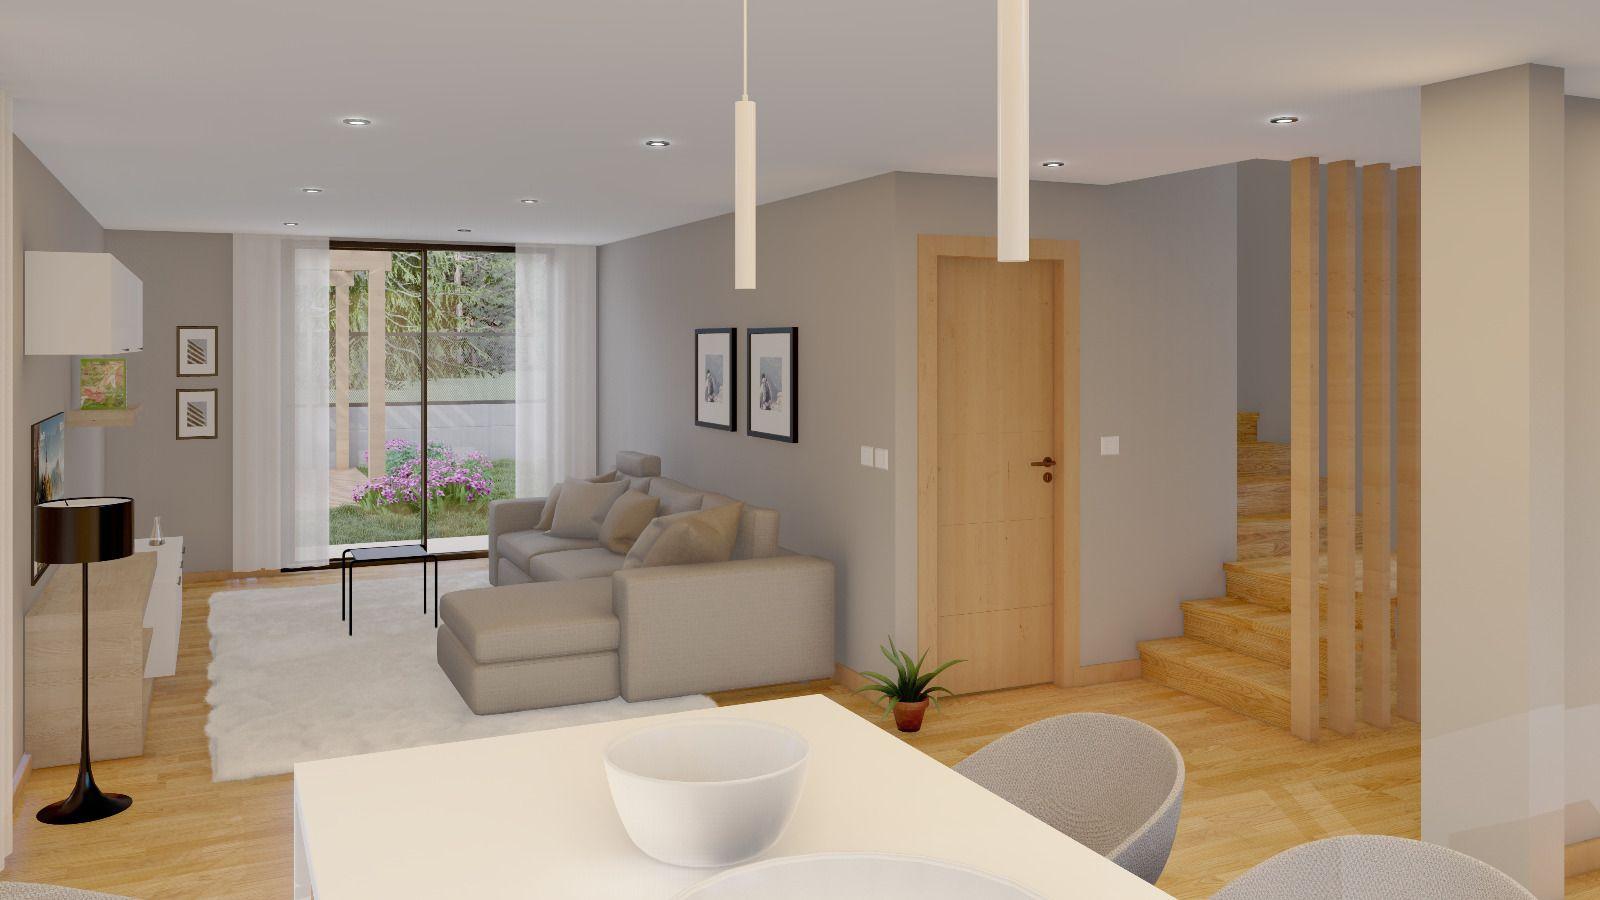 Modelos de chalés y pisos que diseña Arco da Vella, con luz y espacios al aire libre (4).jpeg